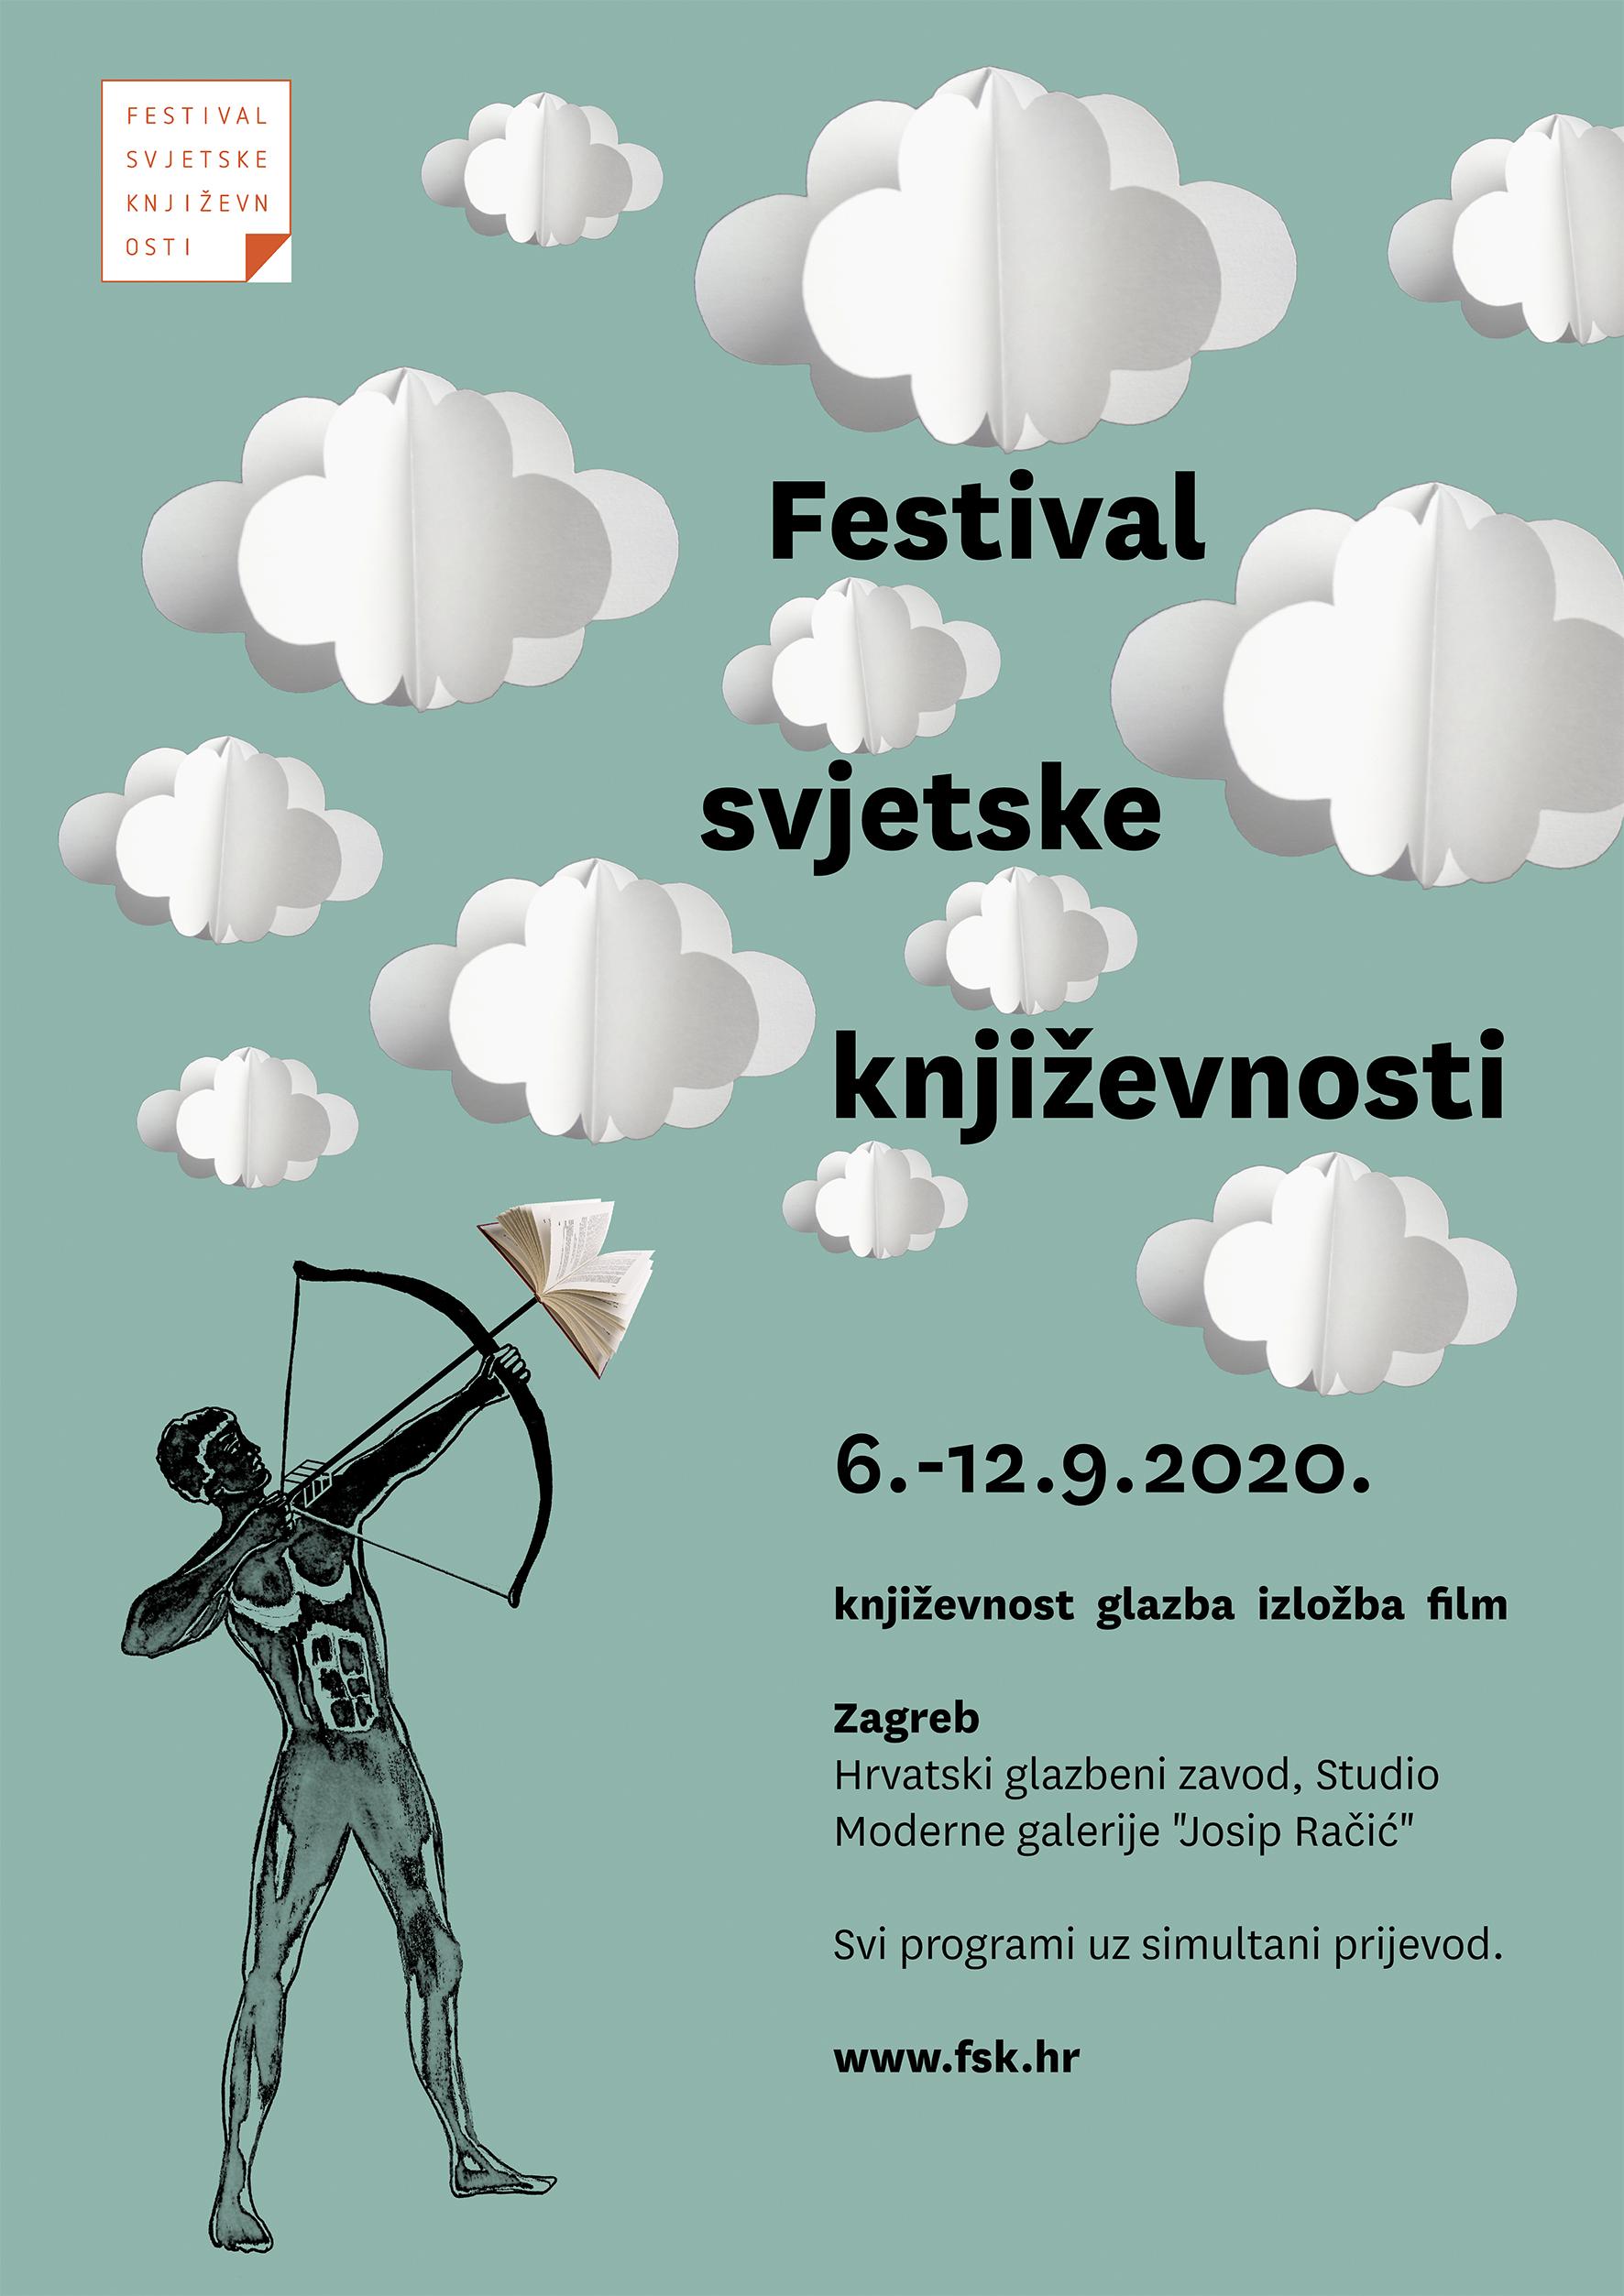 Rezultati natječaja za plakat FSK 2020.